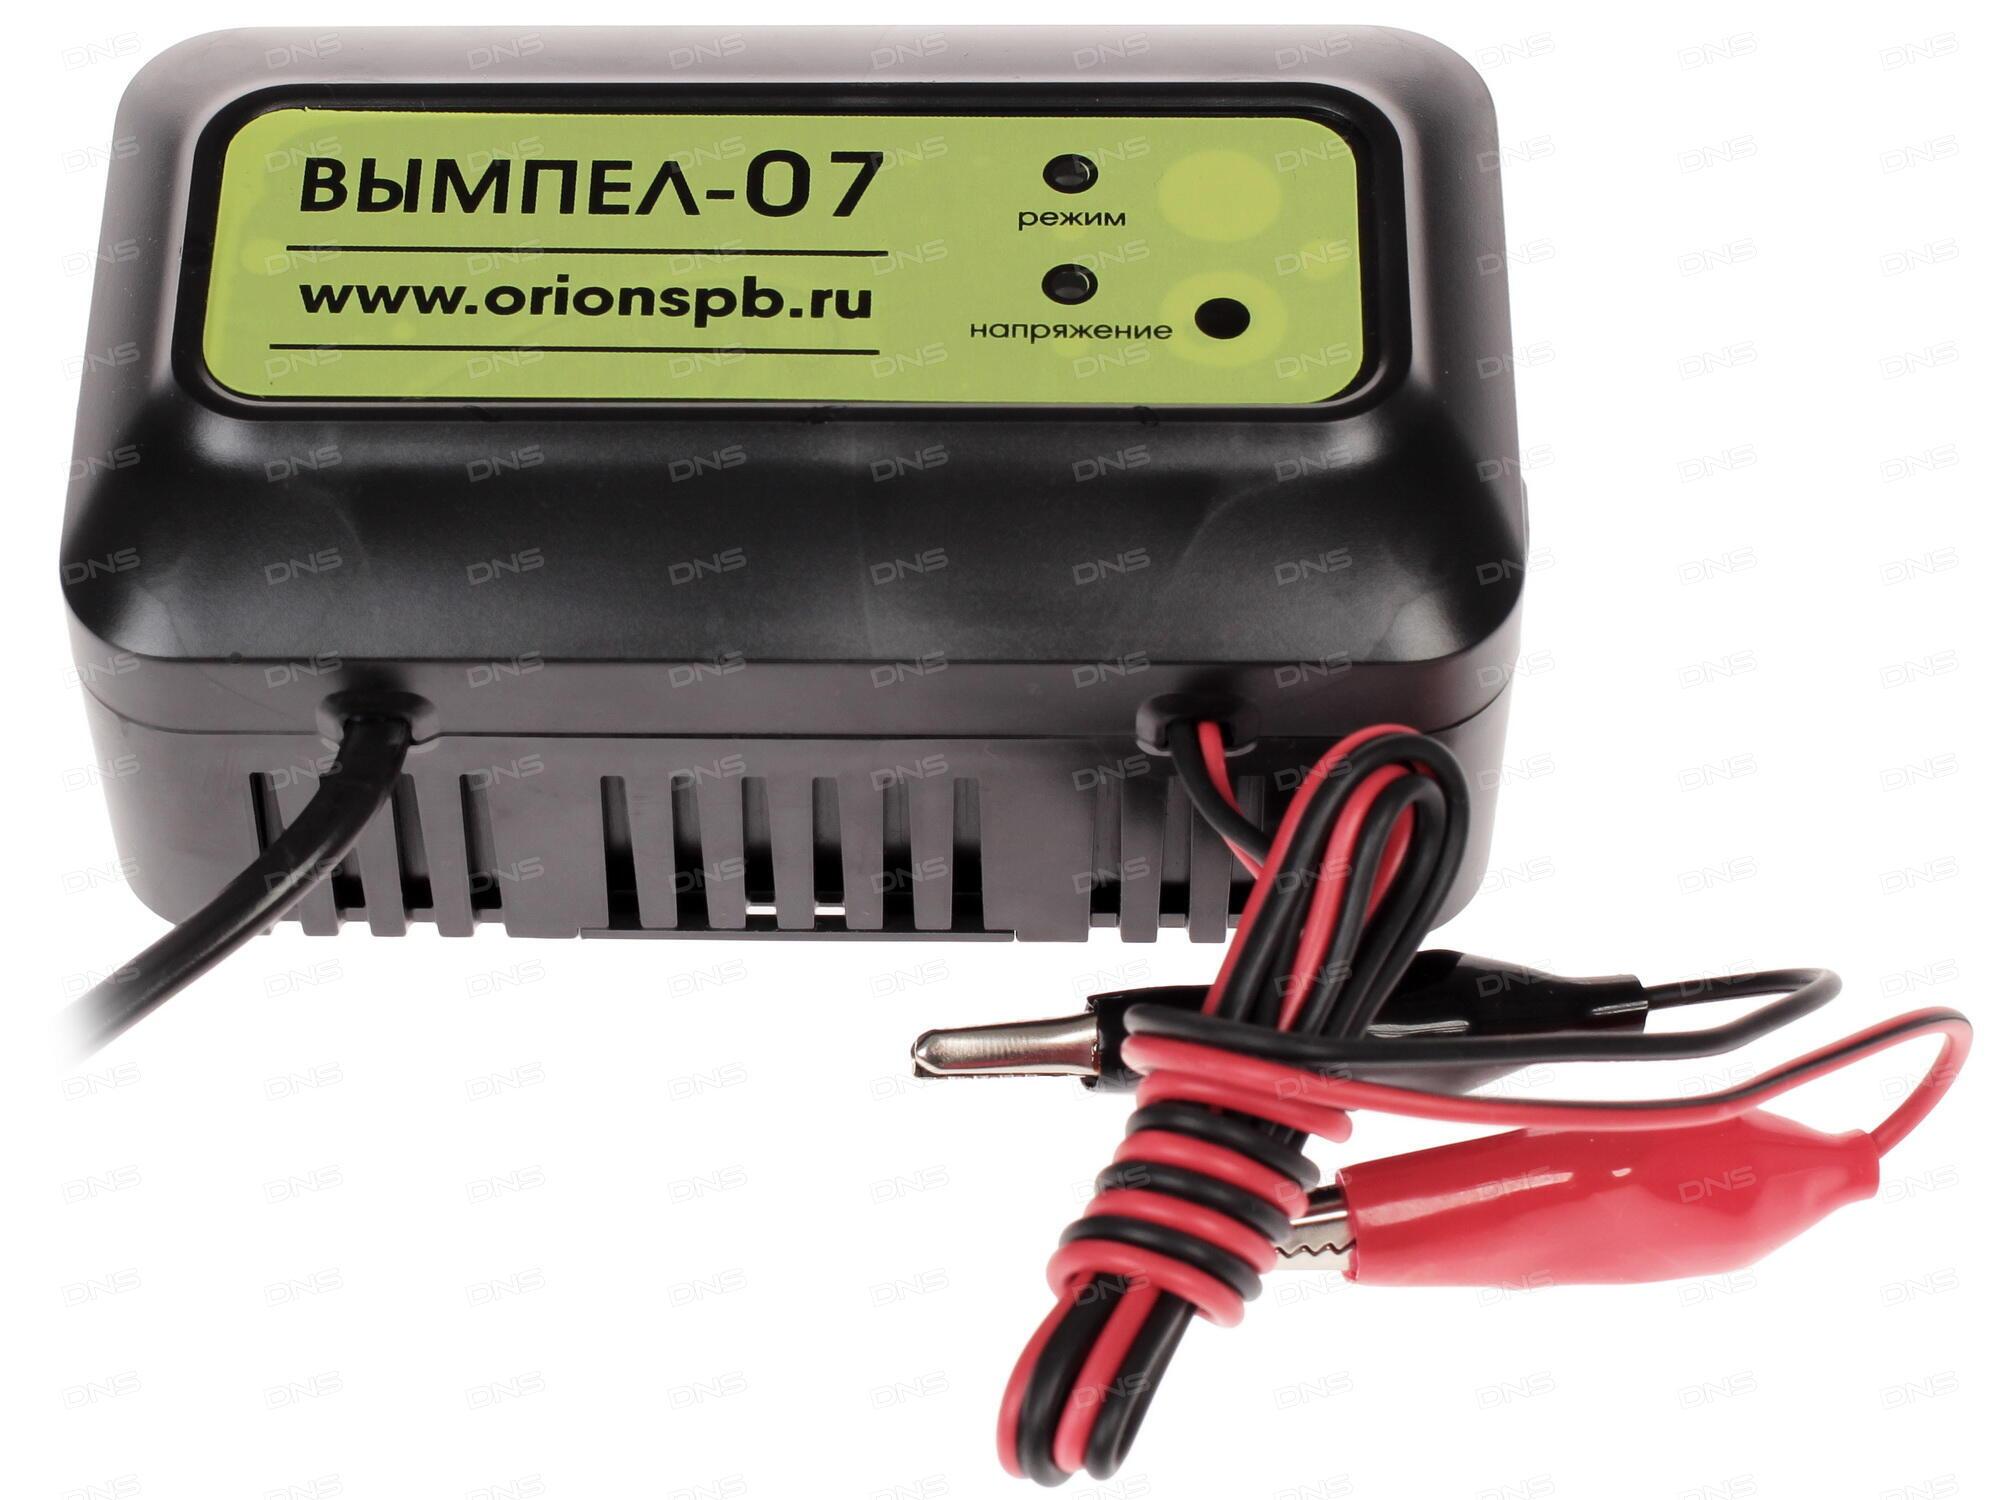 зарядное устройство орион pw320 инструкция по эксплуатации